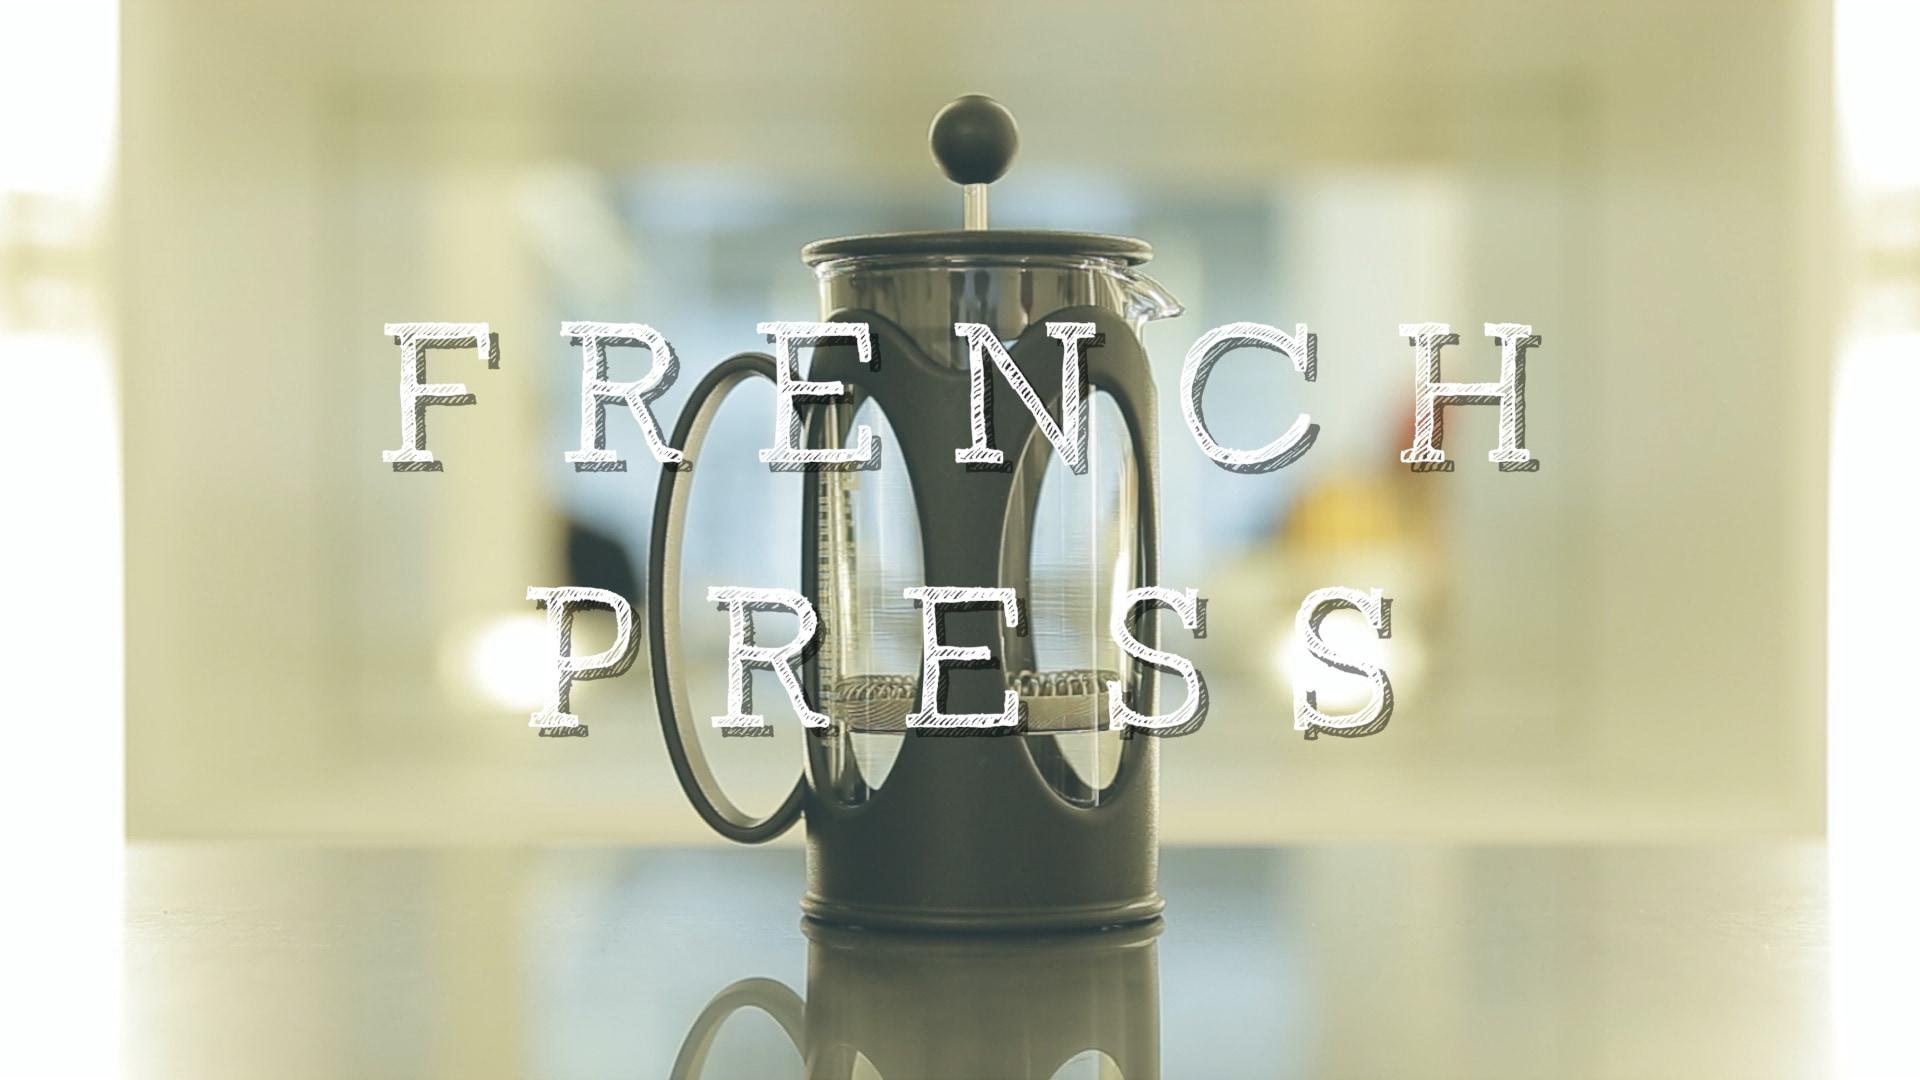 今、話題の『コーヒーを学ぶ』Vol.2 忙しい朝向け「4分で入れる美味しいコーヒー」